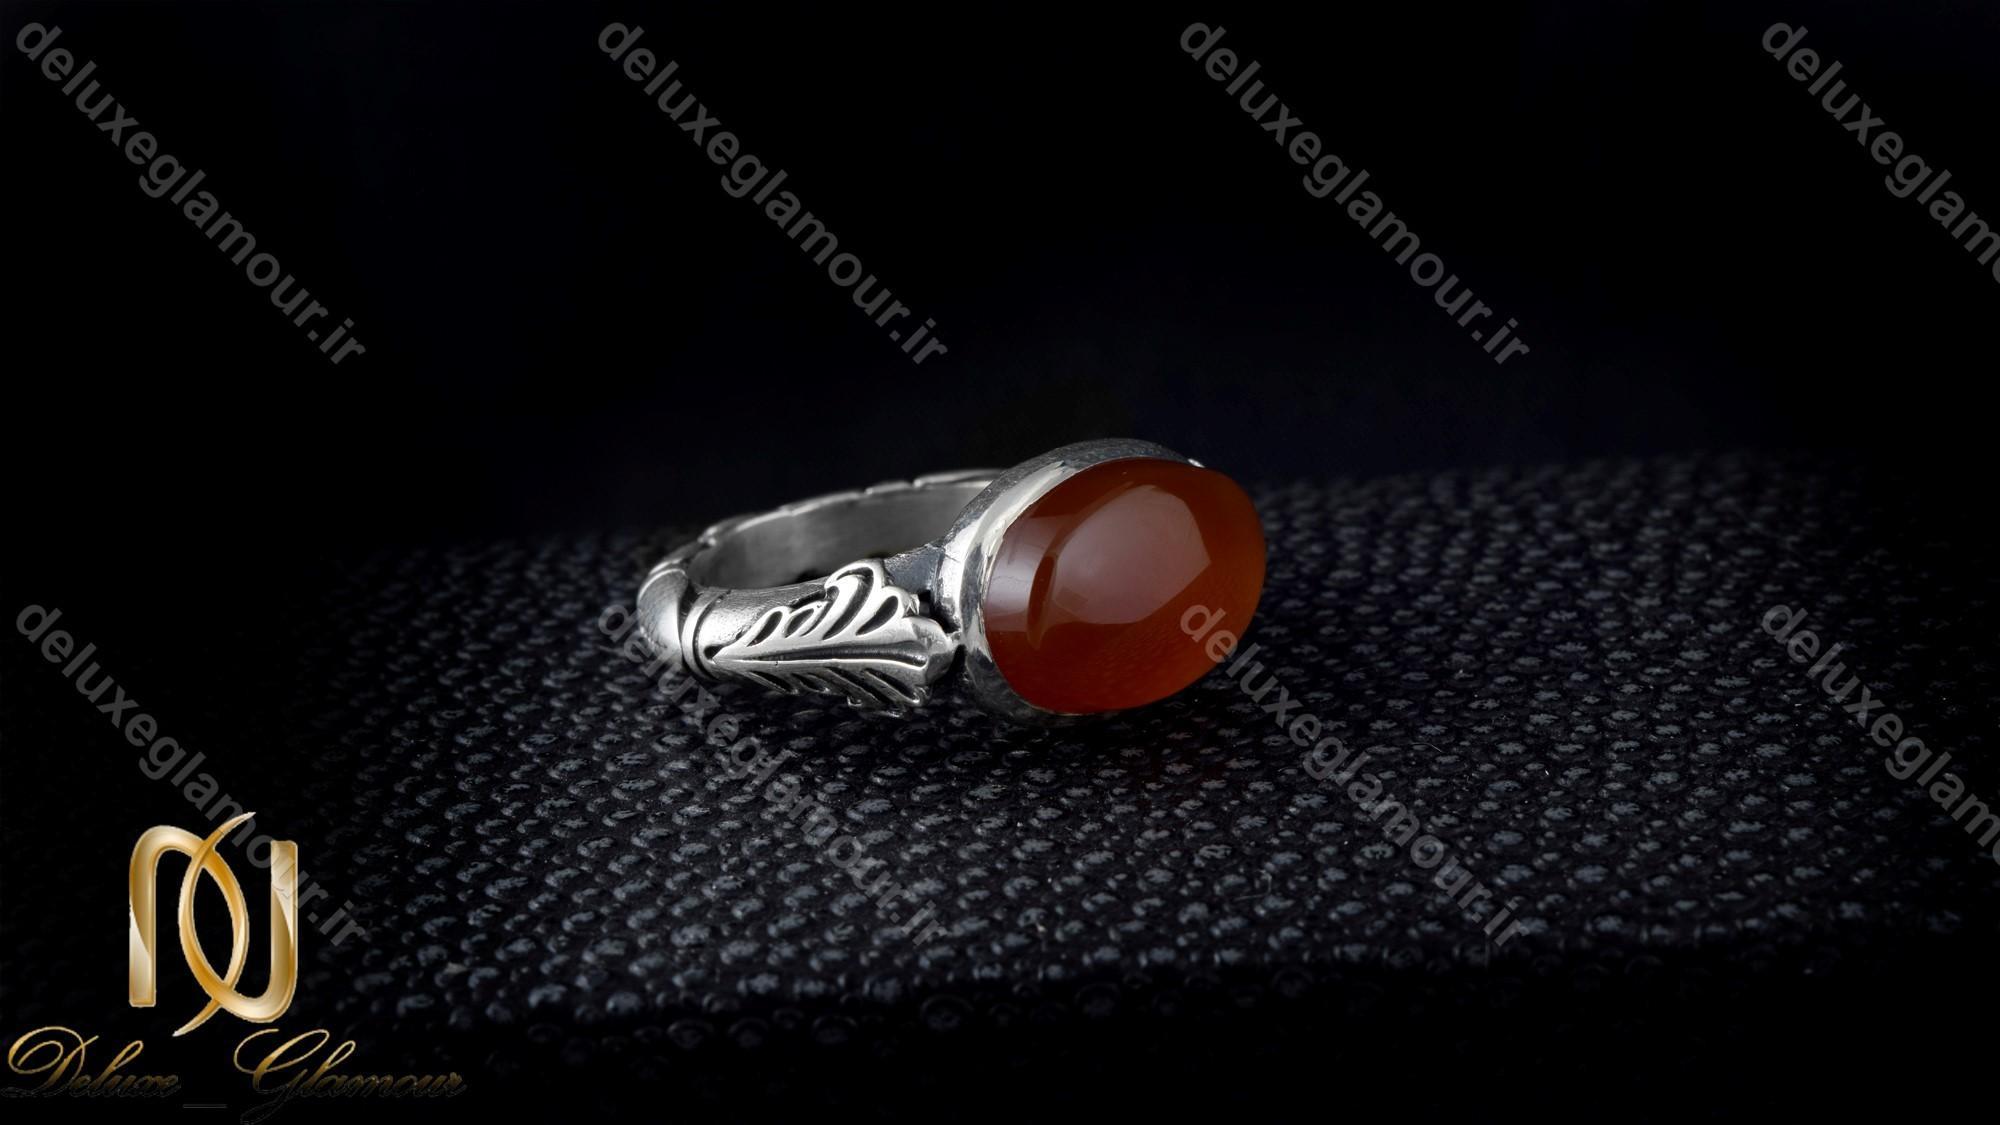 انگشتر نقره مردانه با نگین عقیق خراسانی اصل rg-n237 از نمای مشکی